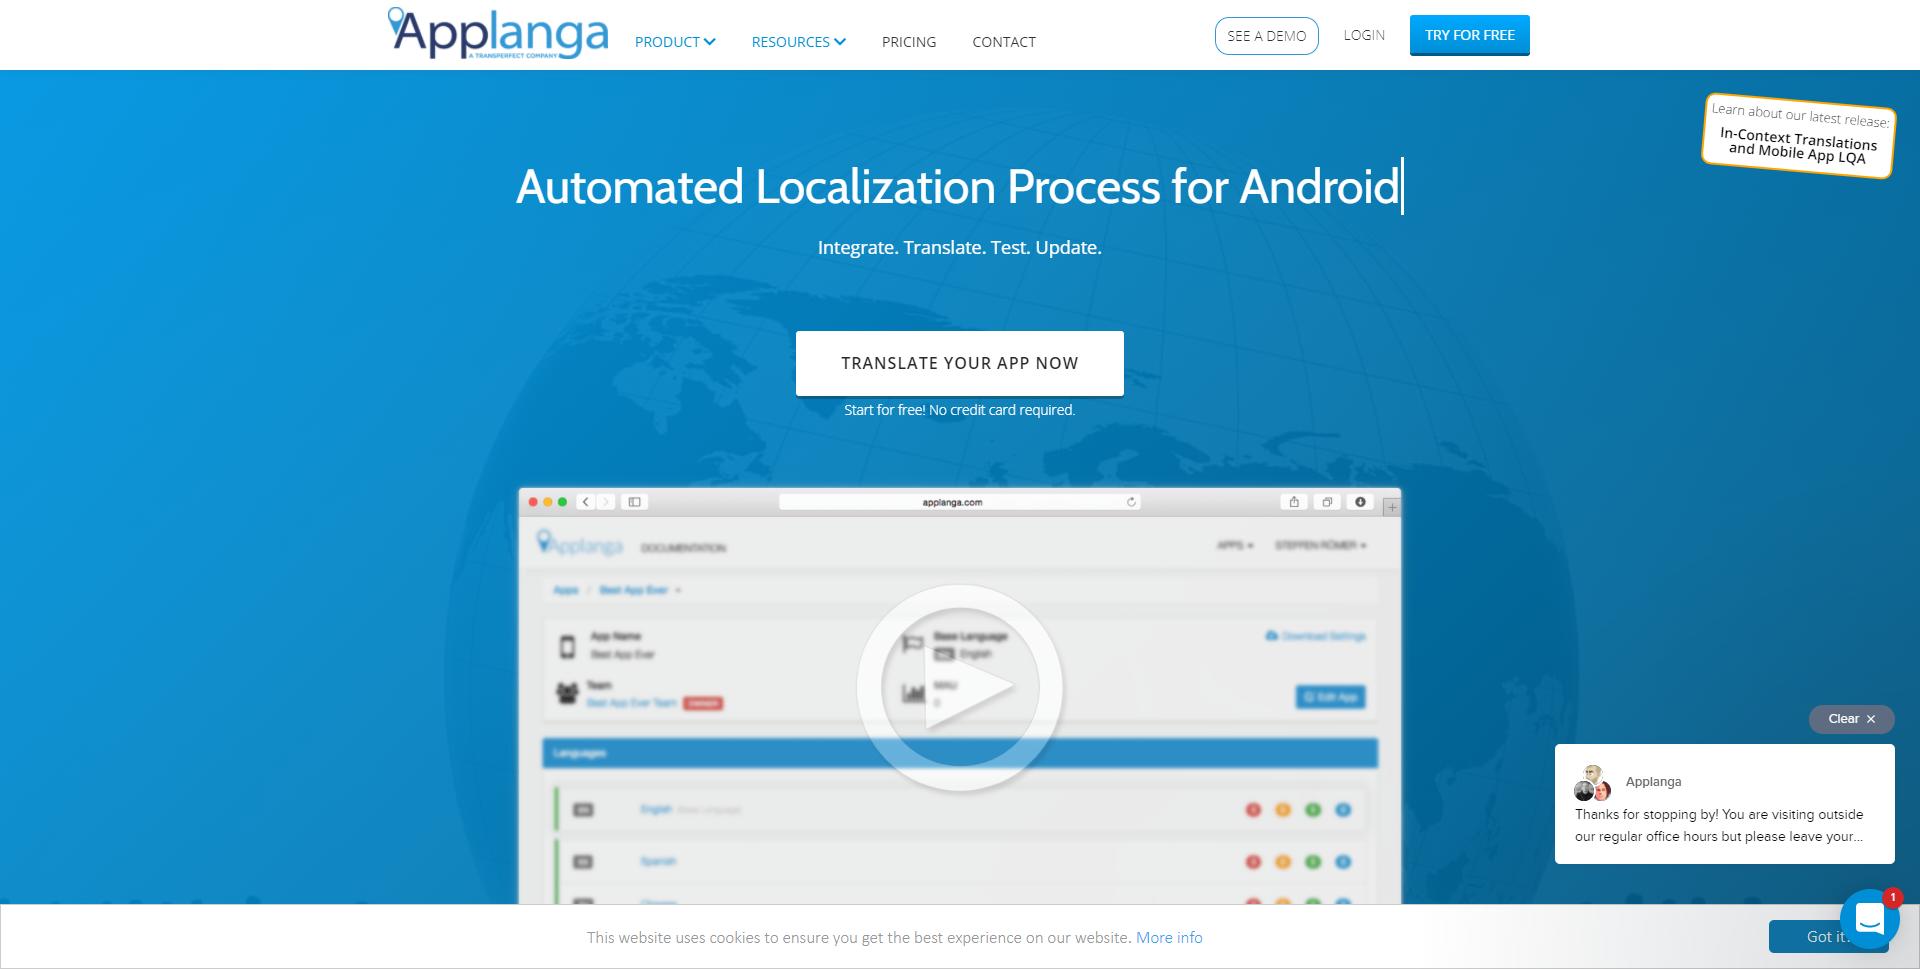 AppLanga.com Homepage